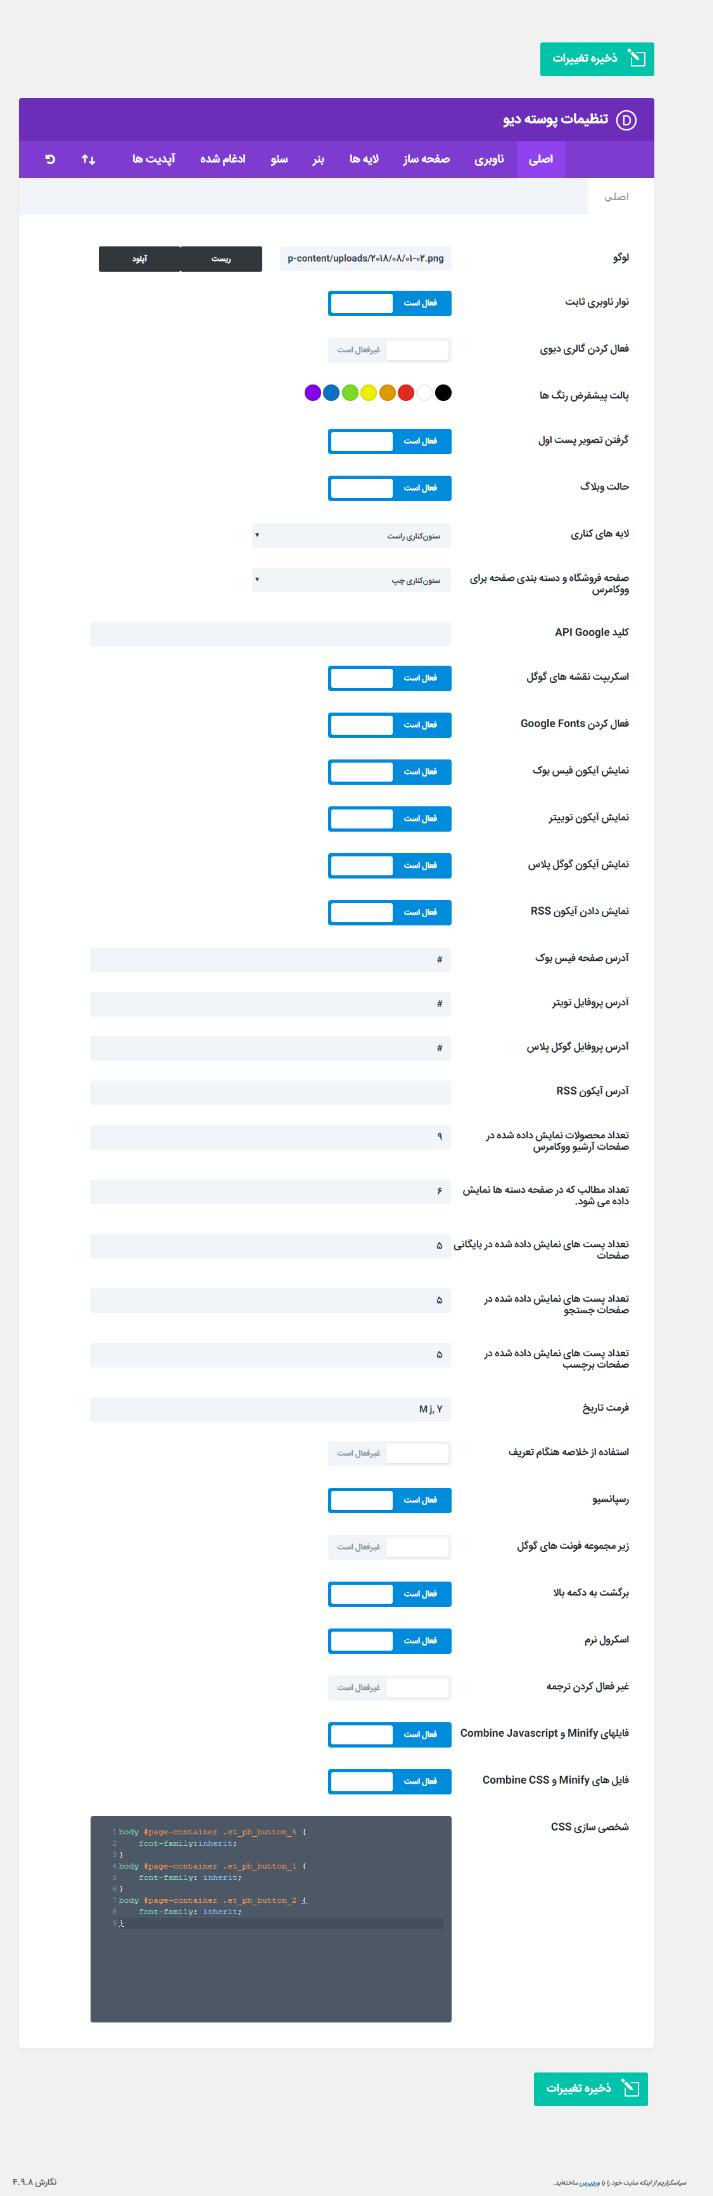 divi-farsi-panel-screenshot